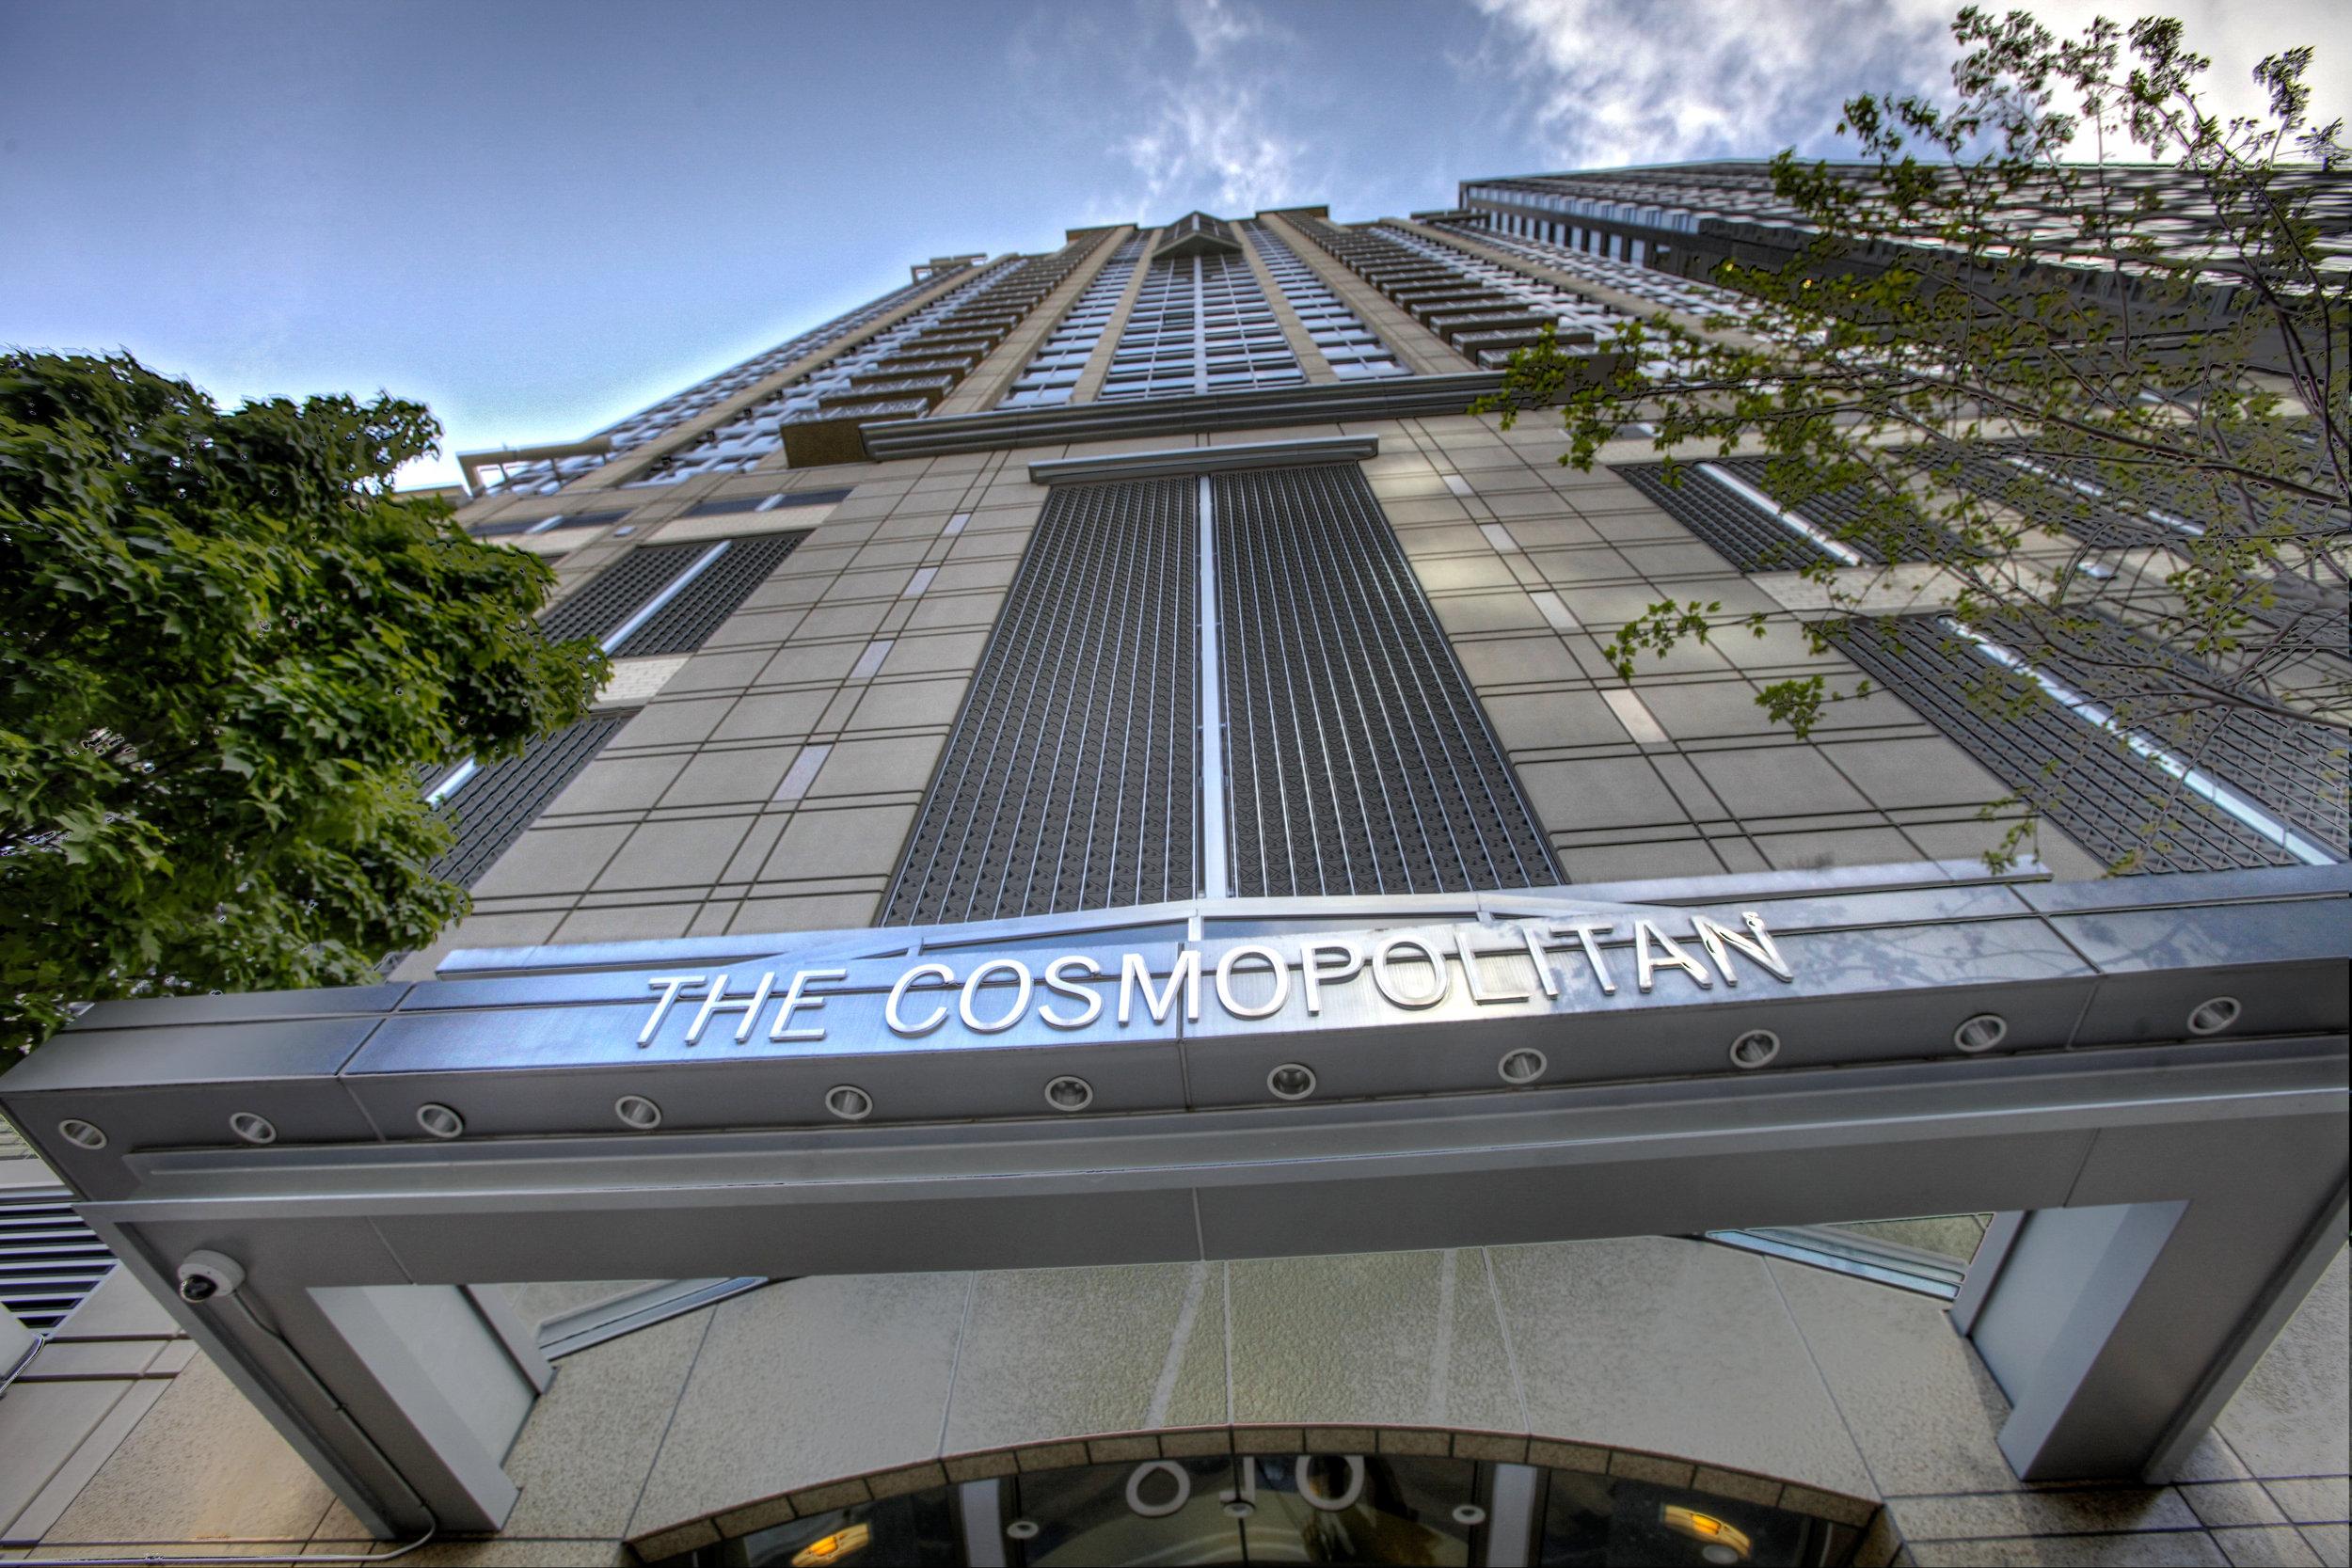 The Cosmopolitan Condominium